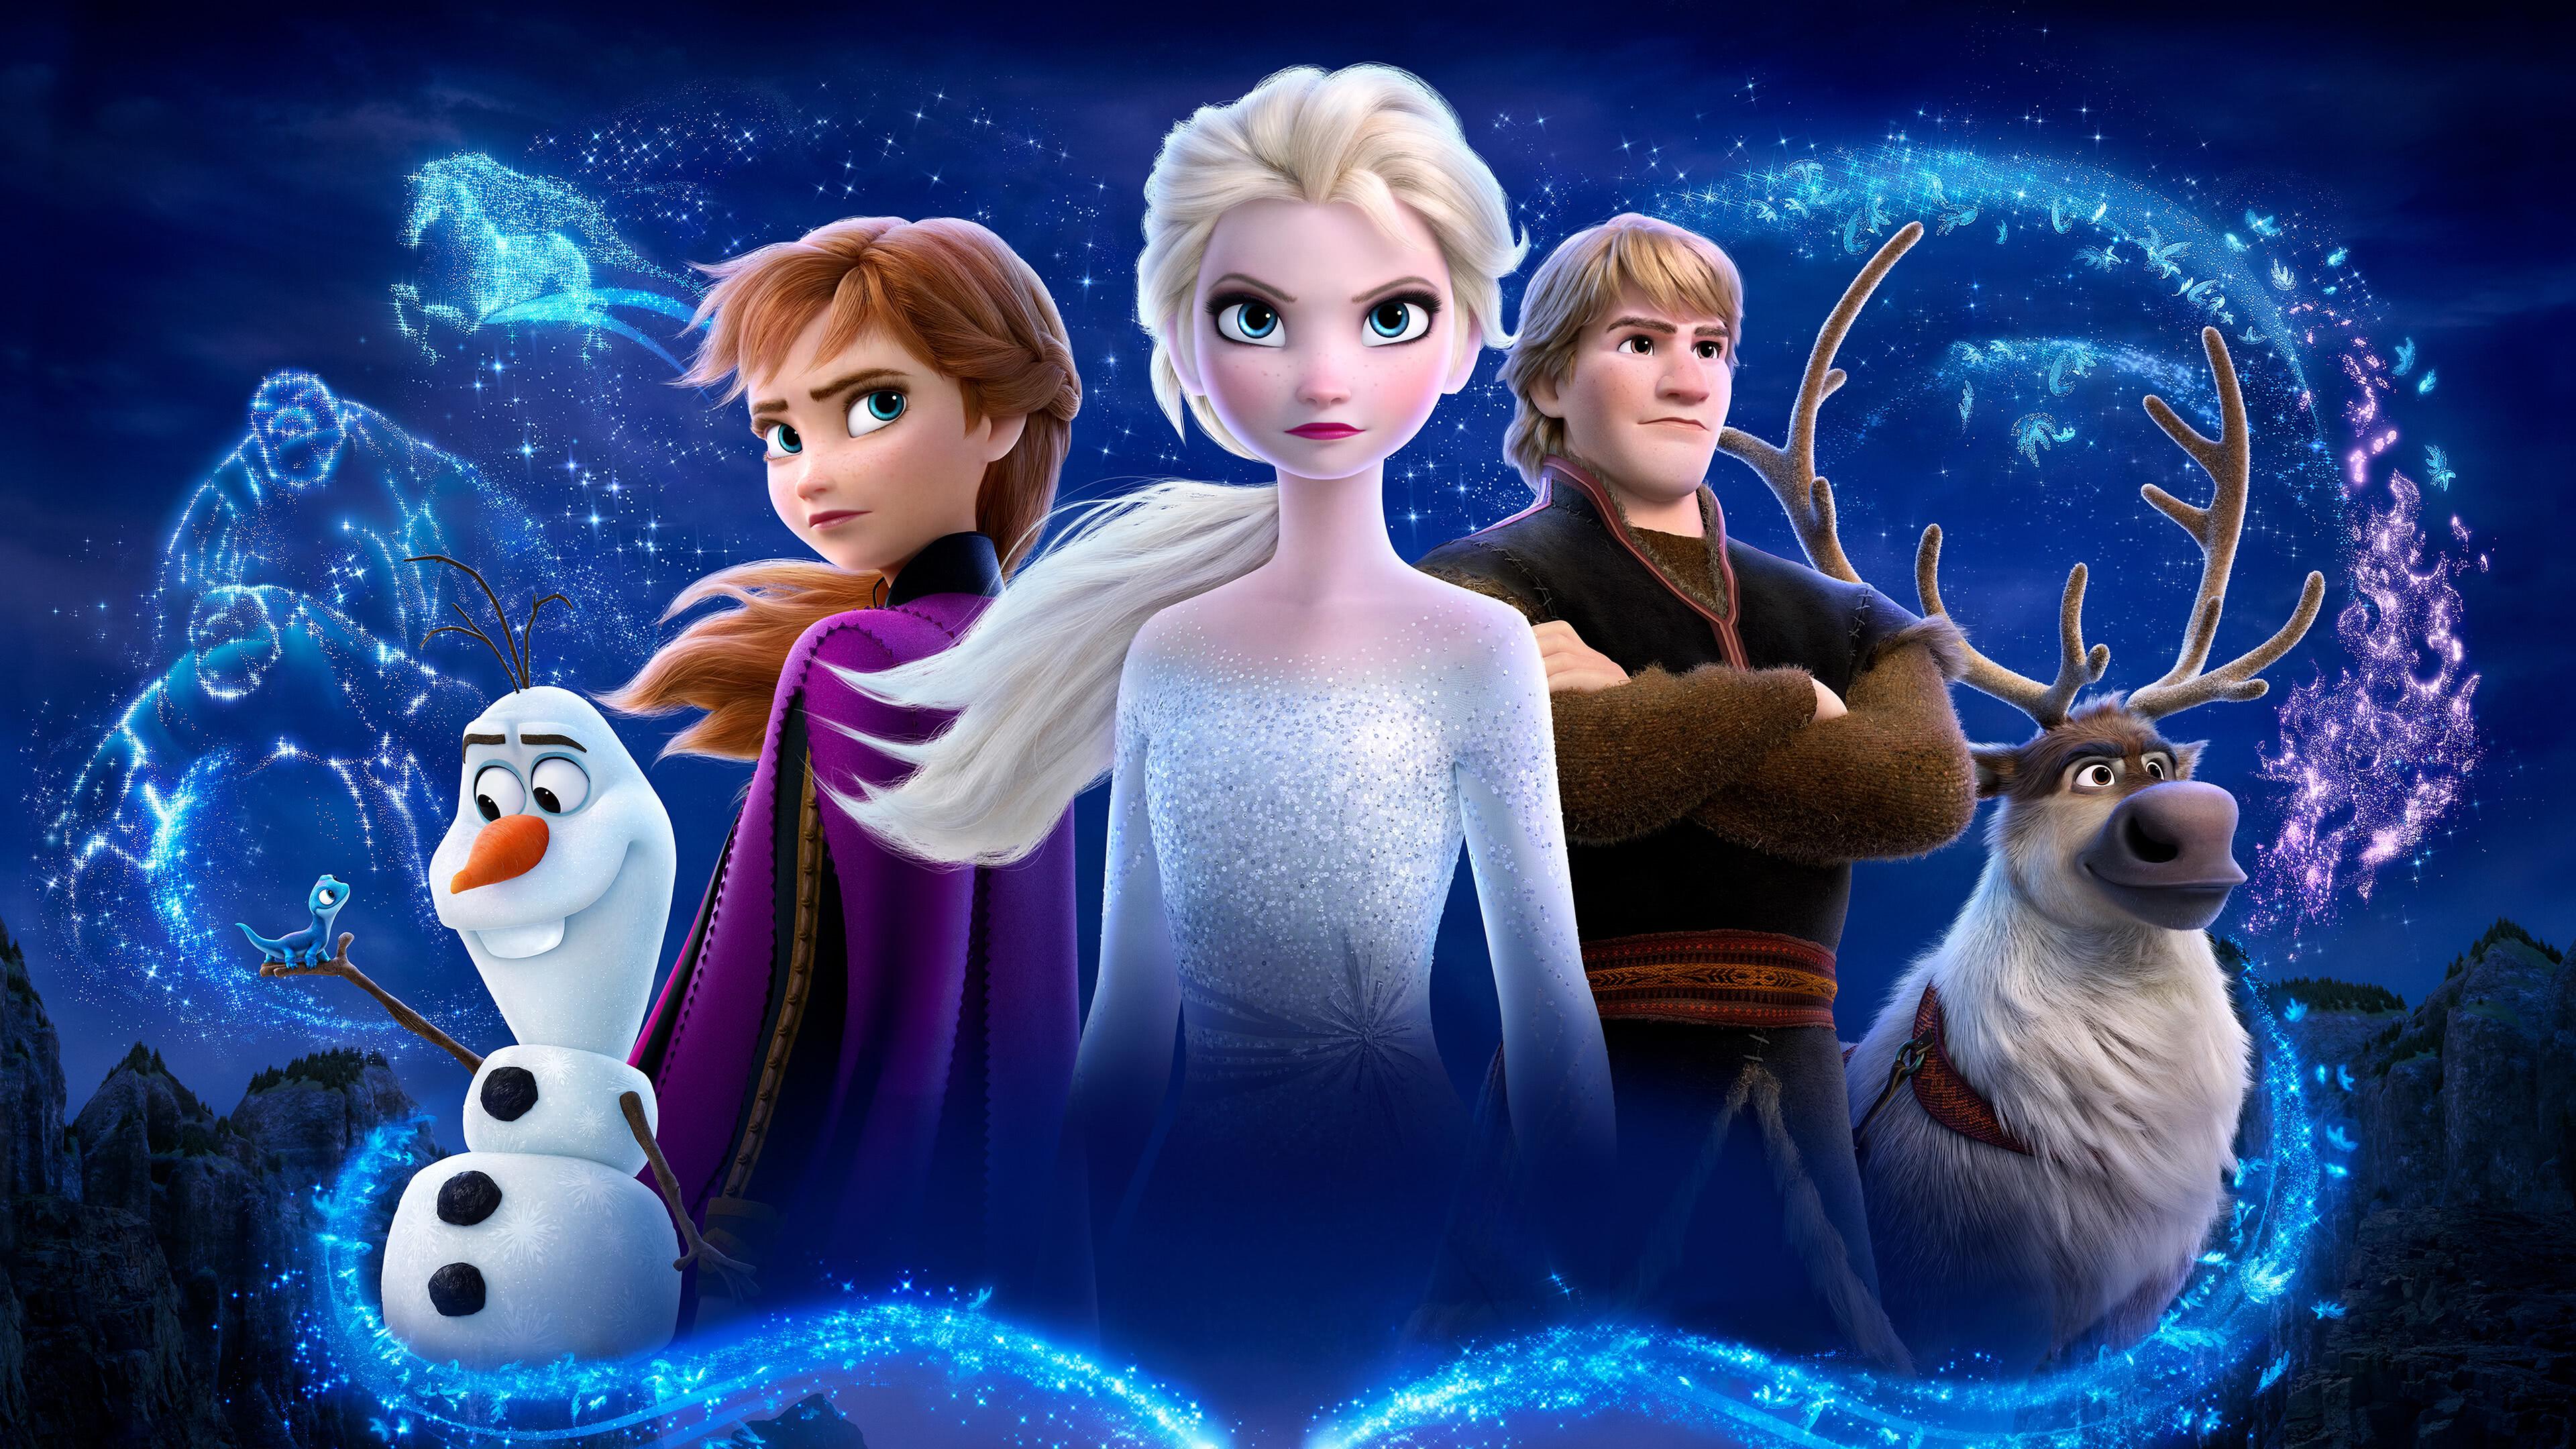 Frozen 2 Characters UHD 4K Wallpaper | Pixelz